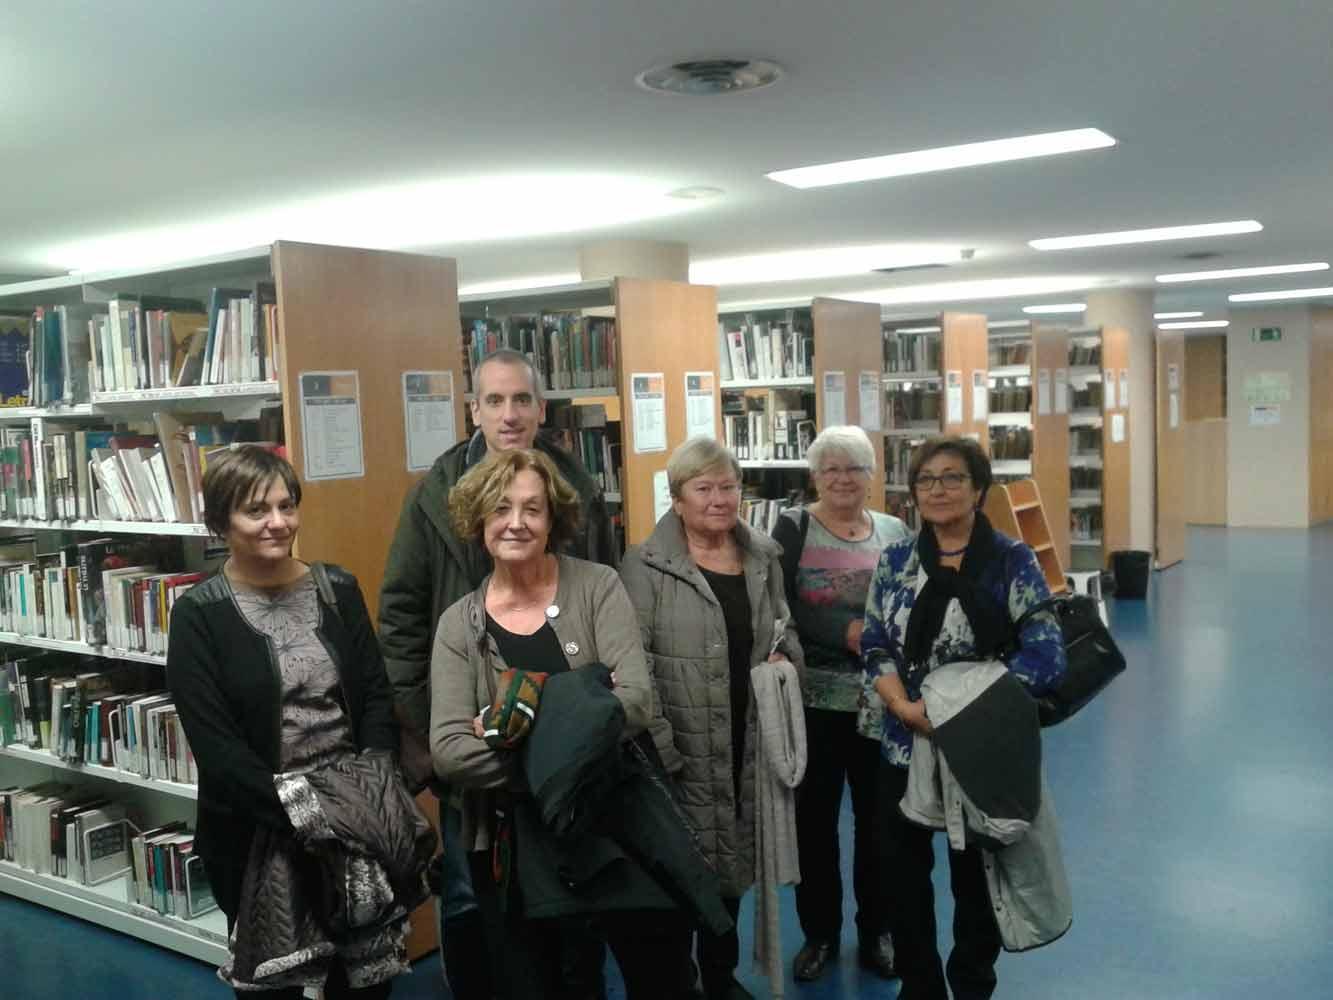 Visita al MAE del personal de la Biblioteca General i de Referència de l'Àrea de Presidència de la Diputació de Barcelona, el 25 novembre 2015